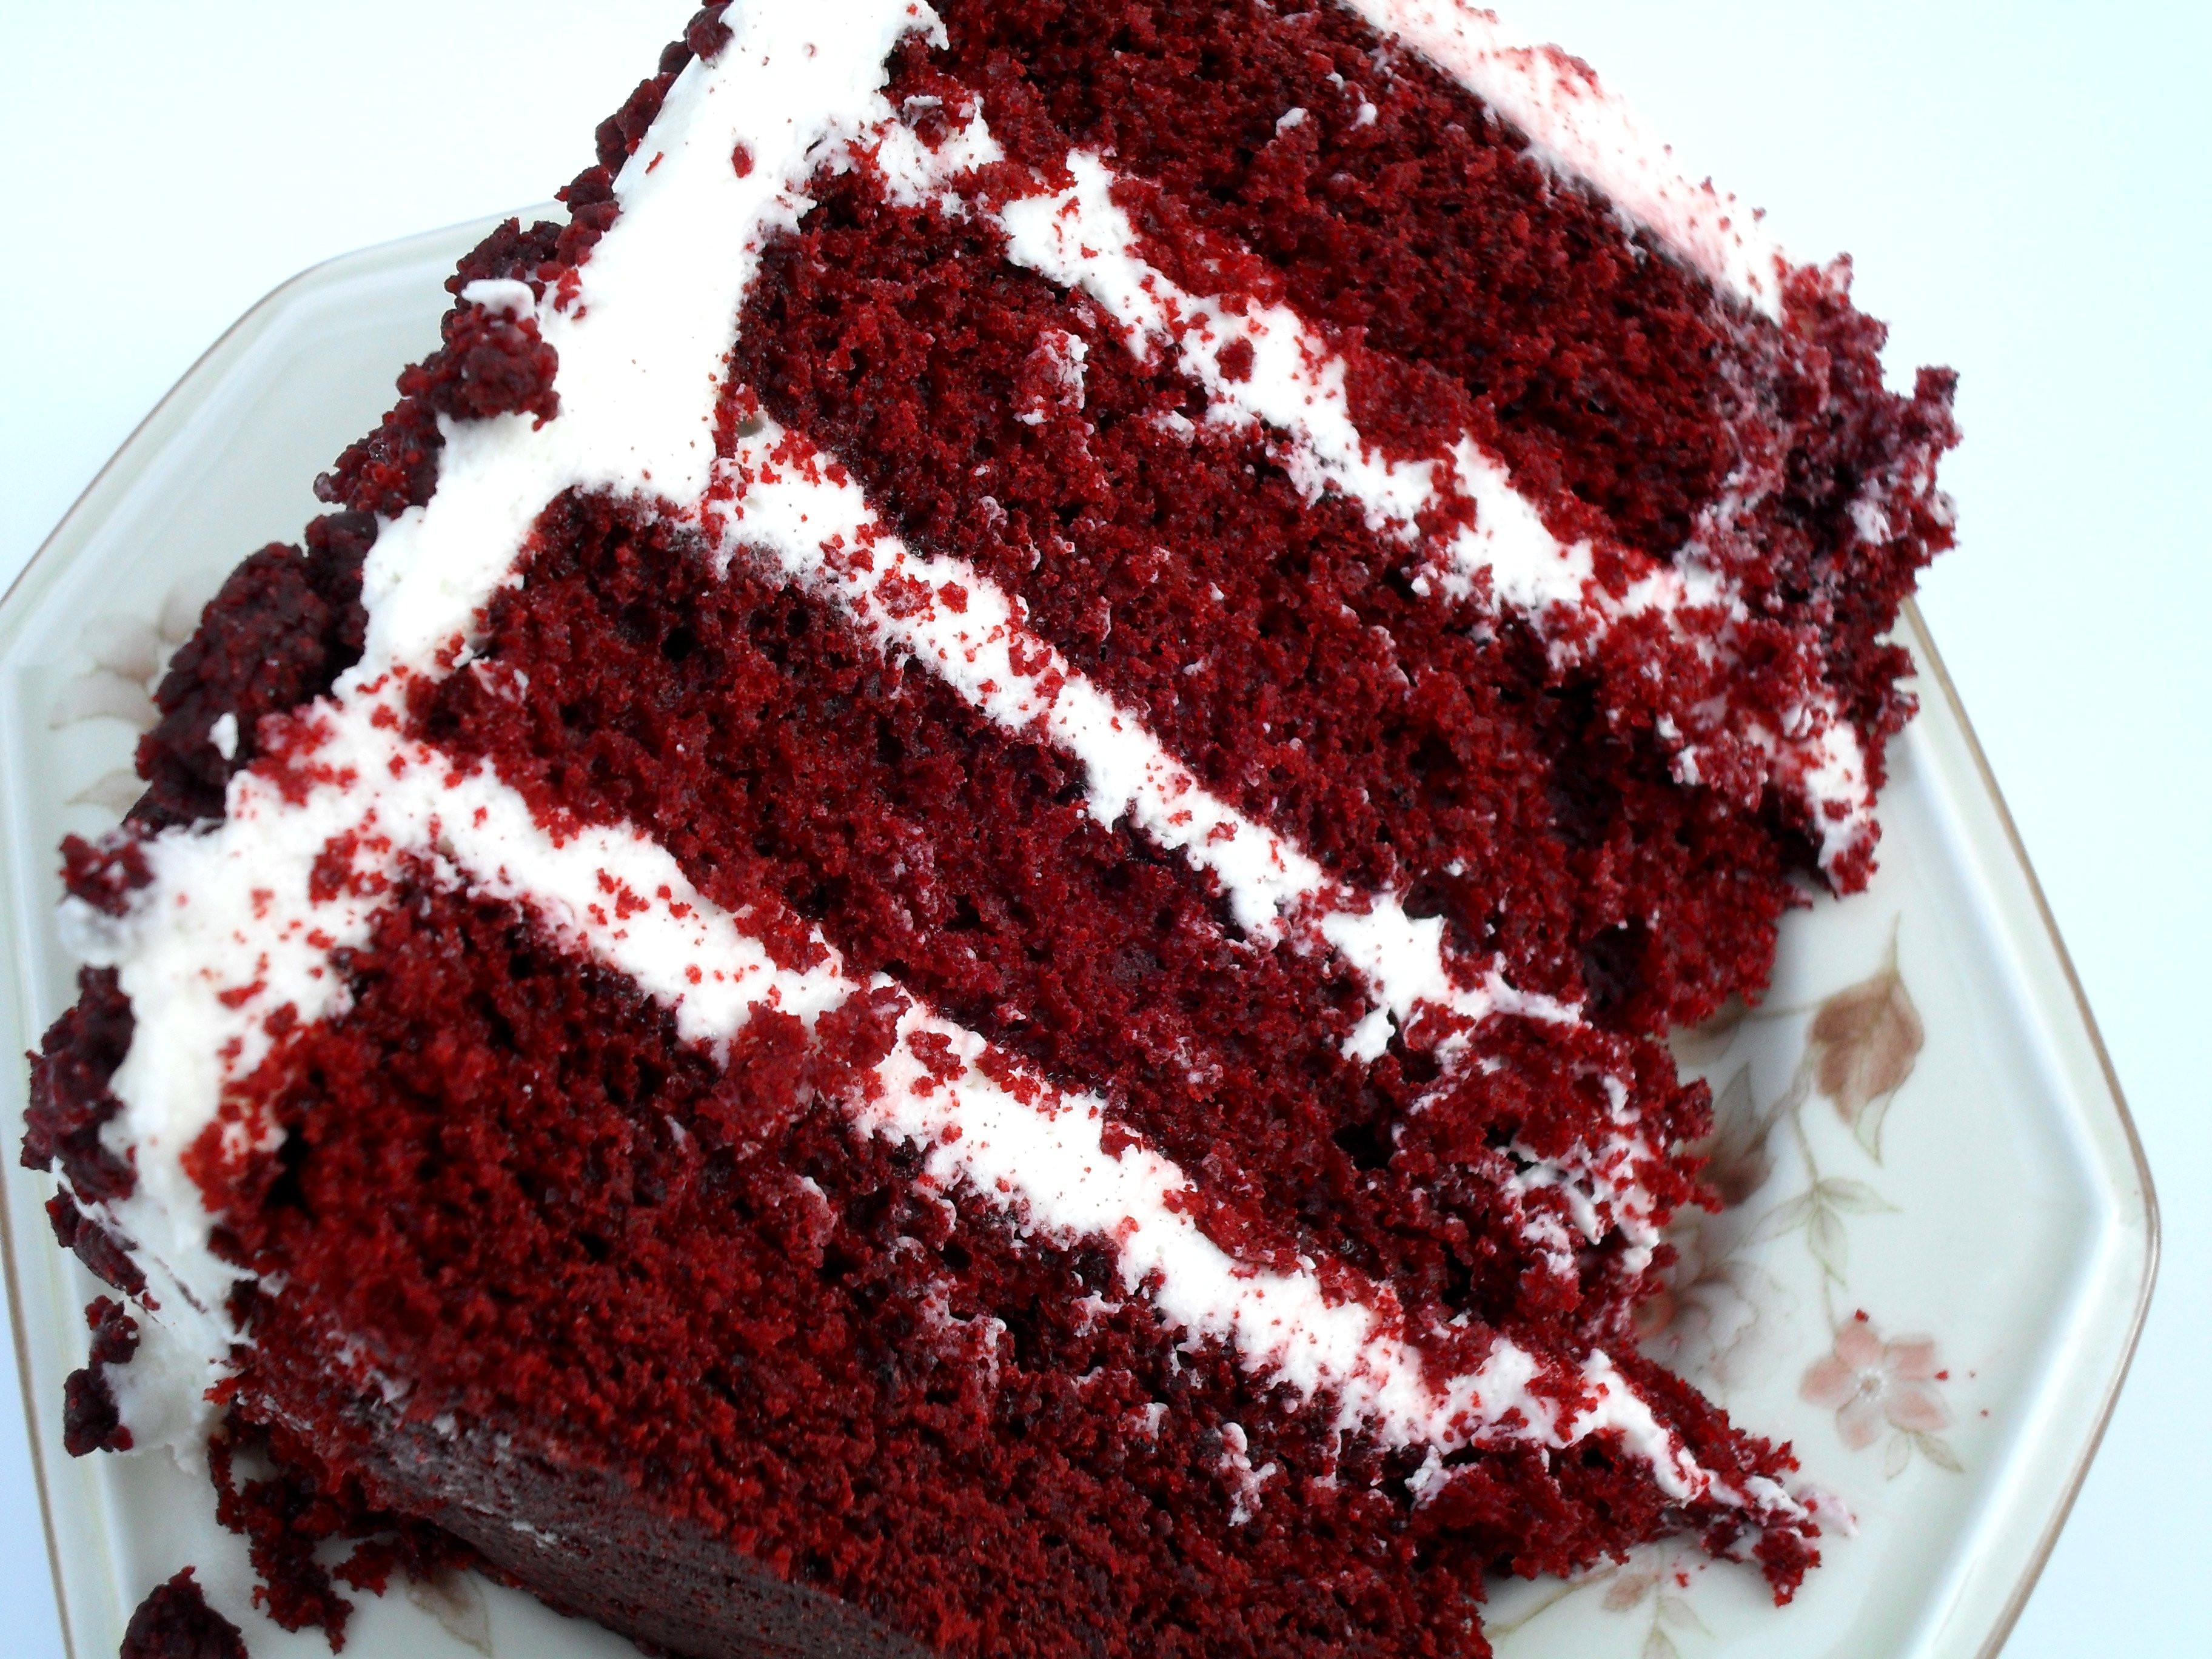 Red Velvet Cake Recipe Red Velvet Cake